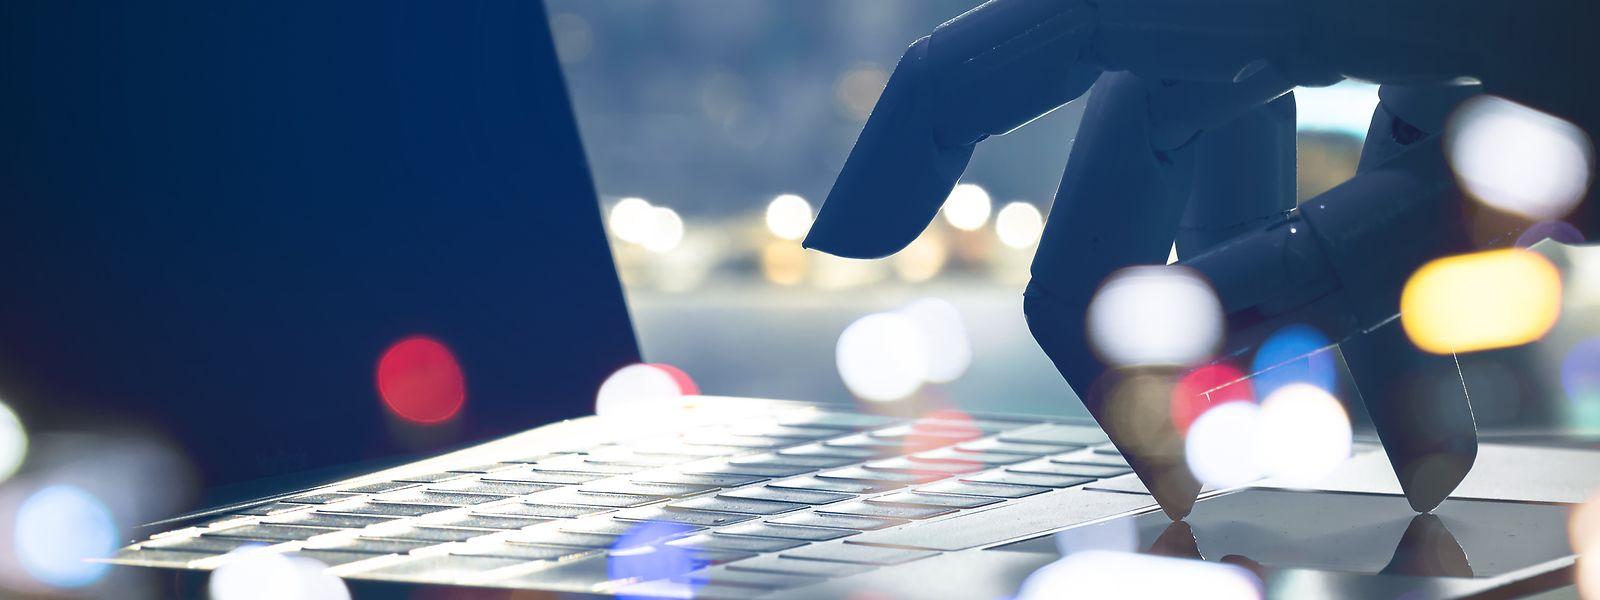 L'installation de logiciels non validés par l'employeur peut constituer le point d'accès vers des données confidentielles pour les hackers.